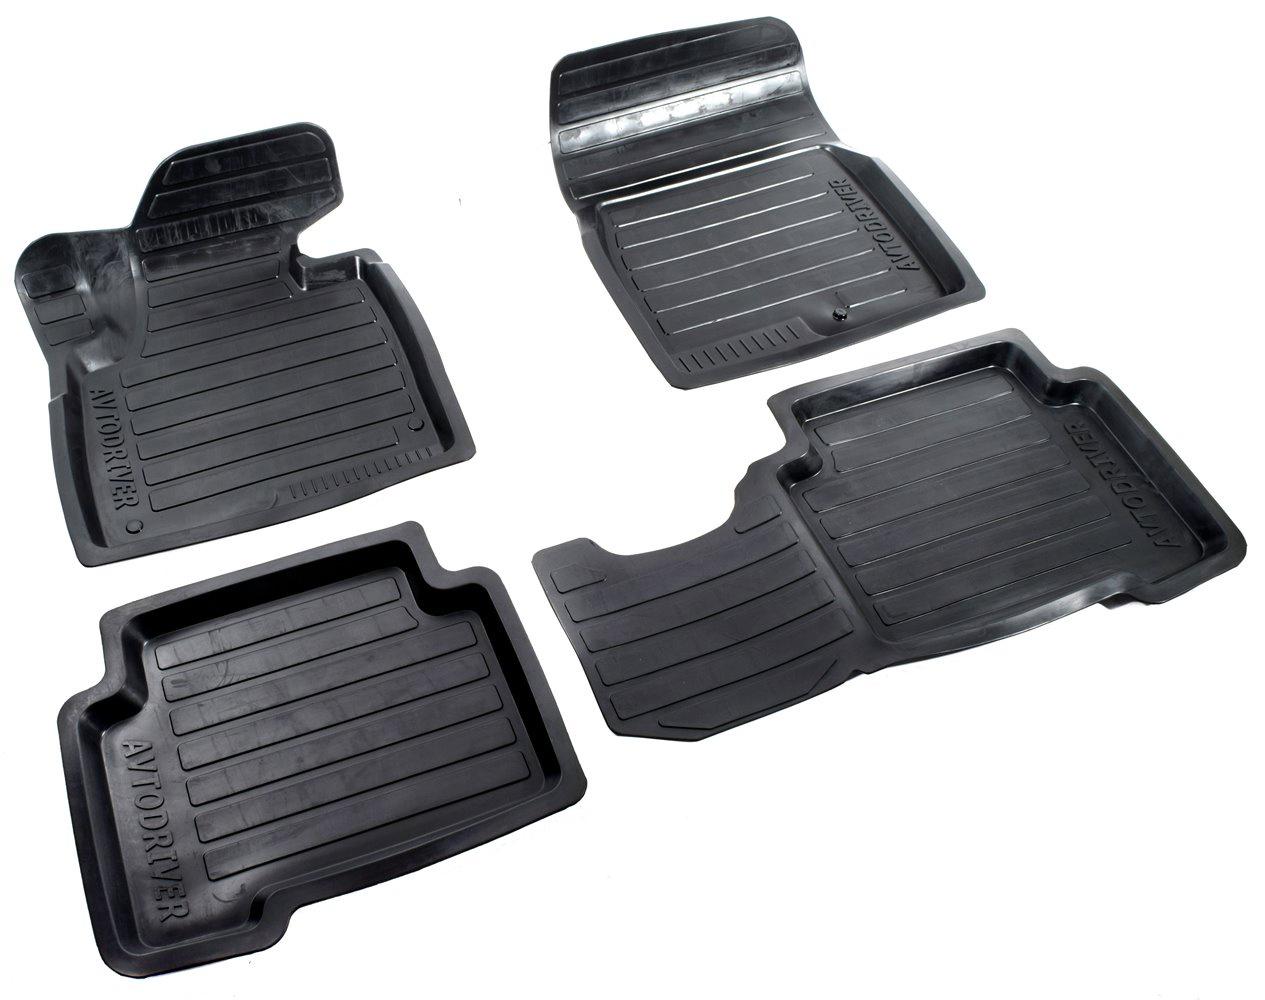 Коврики в салон автомобиля Avtodriver, для Hyundai Santa Fe, 2013-, 2015-2018, ADRAVG150, резиновые, с бортиком, черный цены онлайн